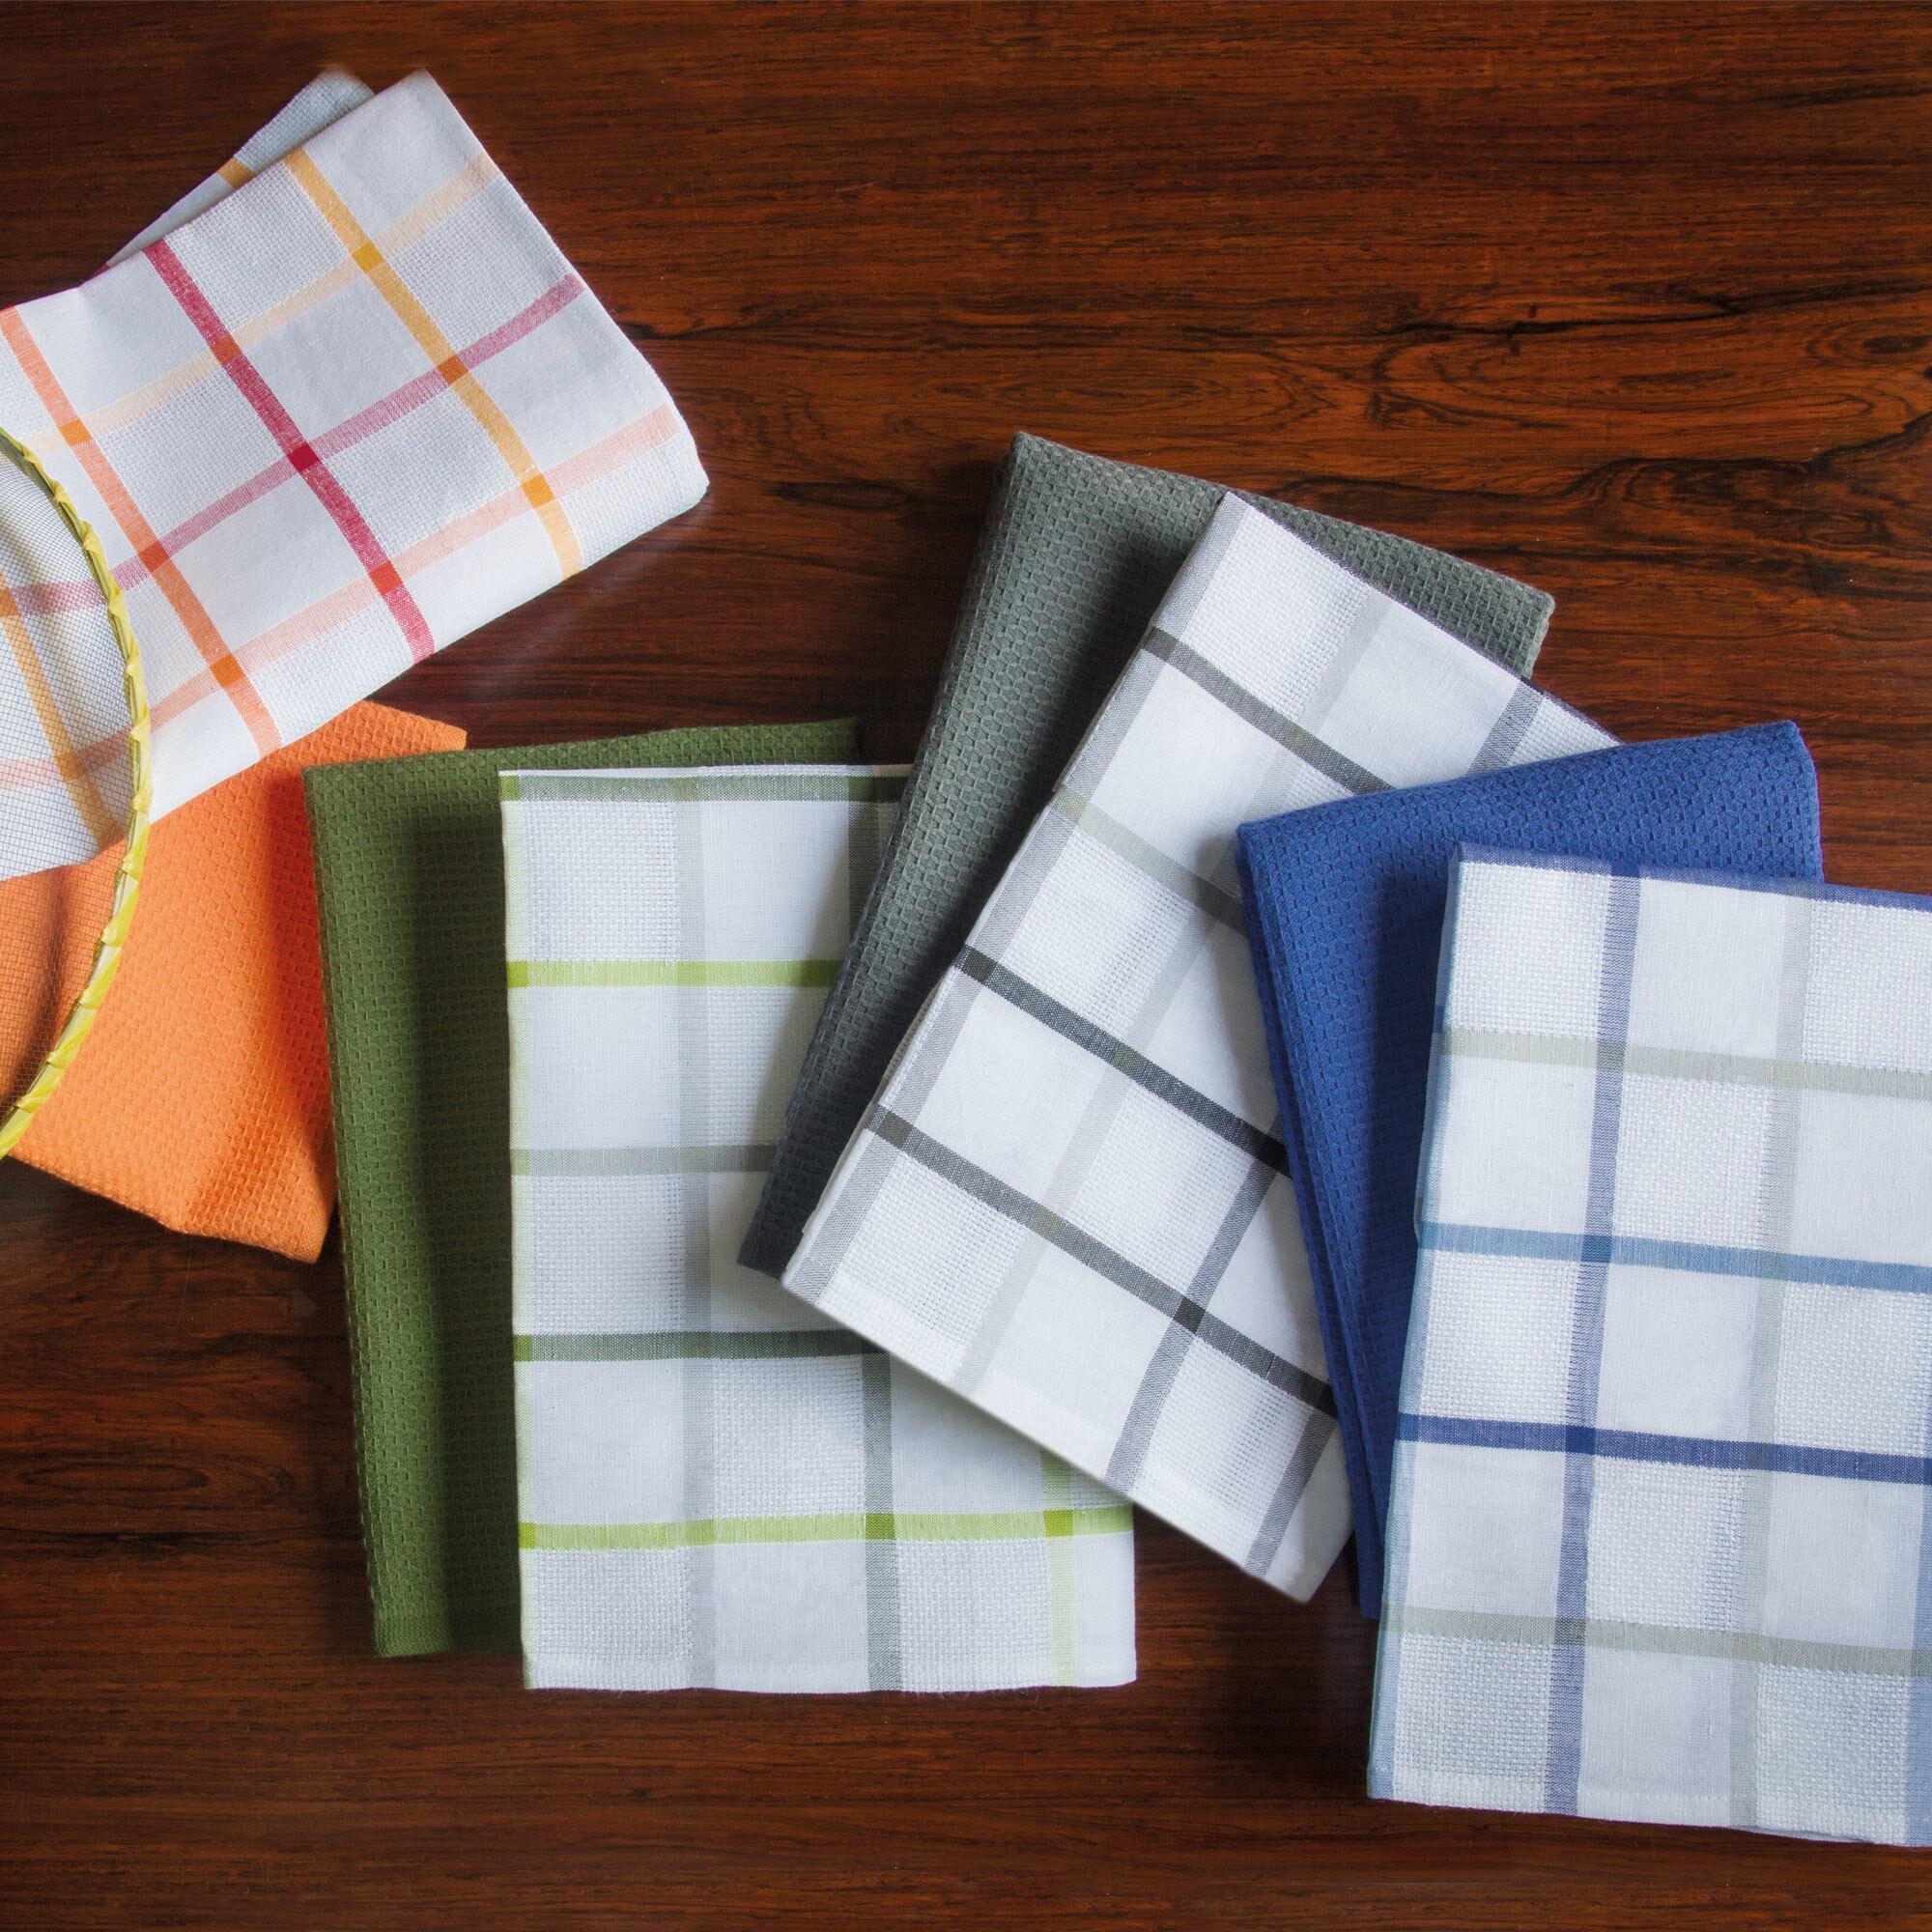 Comment Fabriquer Un Accroche Torchon lot de 2 torchons de cuisine toile 50x70 cm squares lin bleu coton et lin